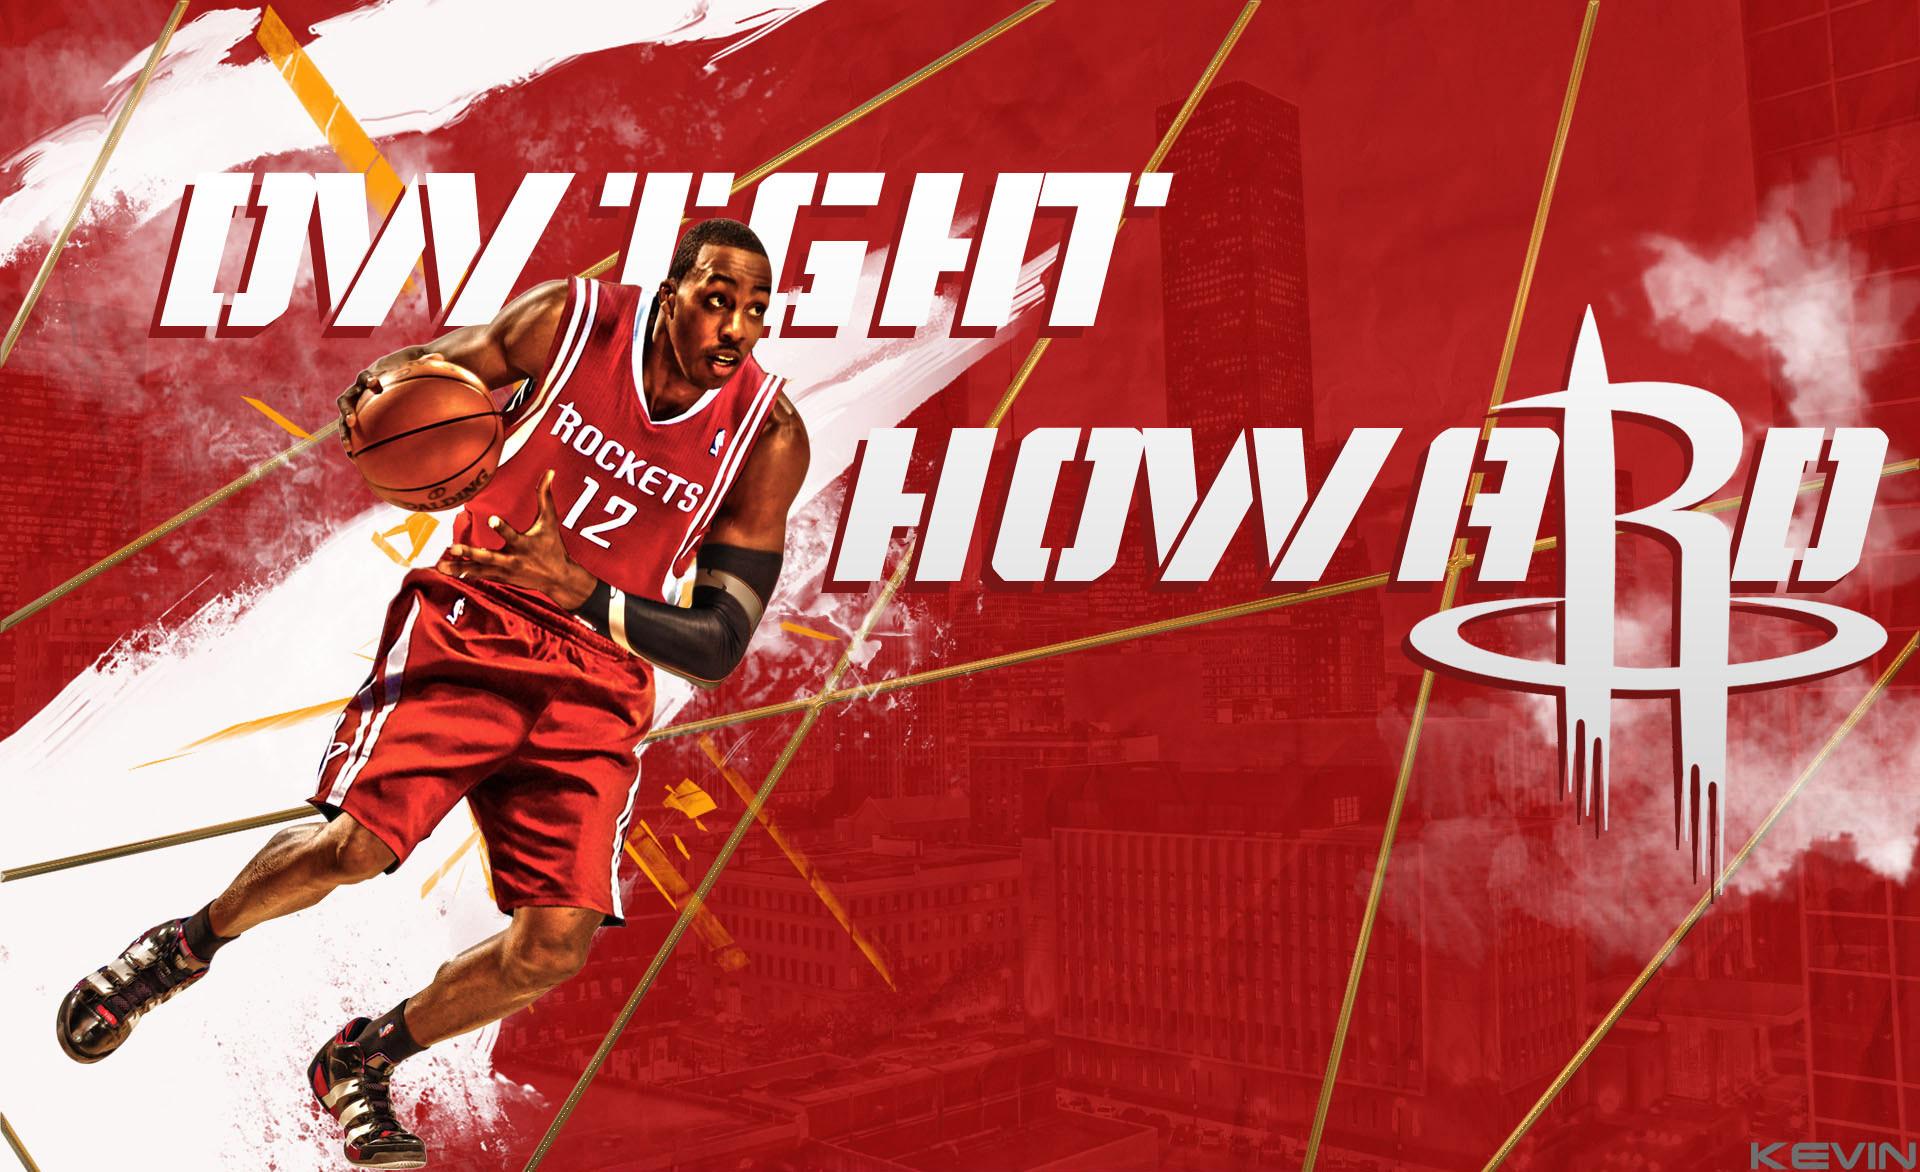 Free Desktop HD Houston Rockets Wallpaper.